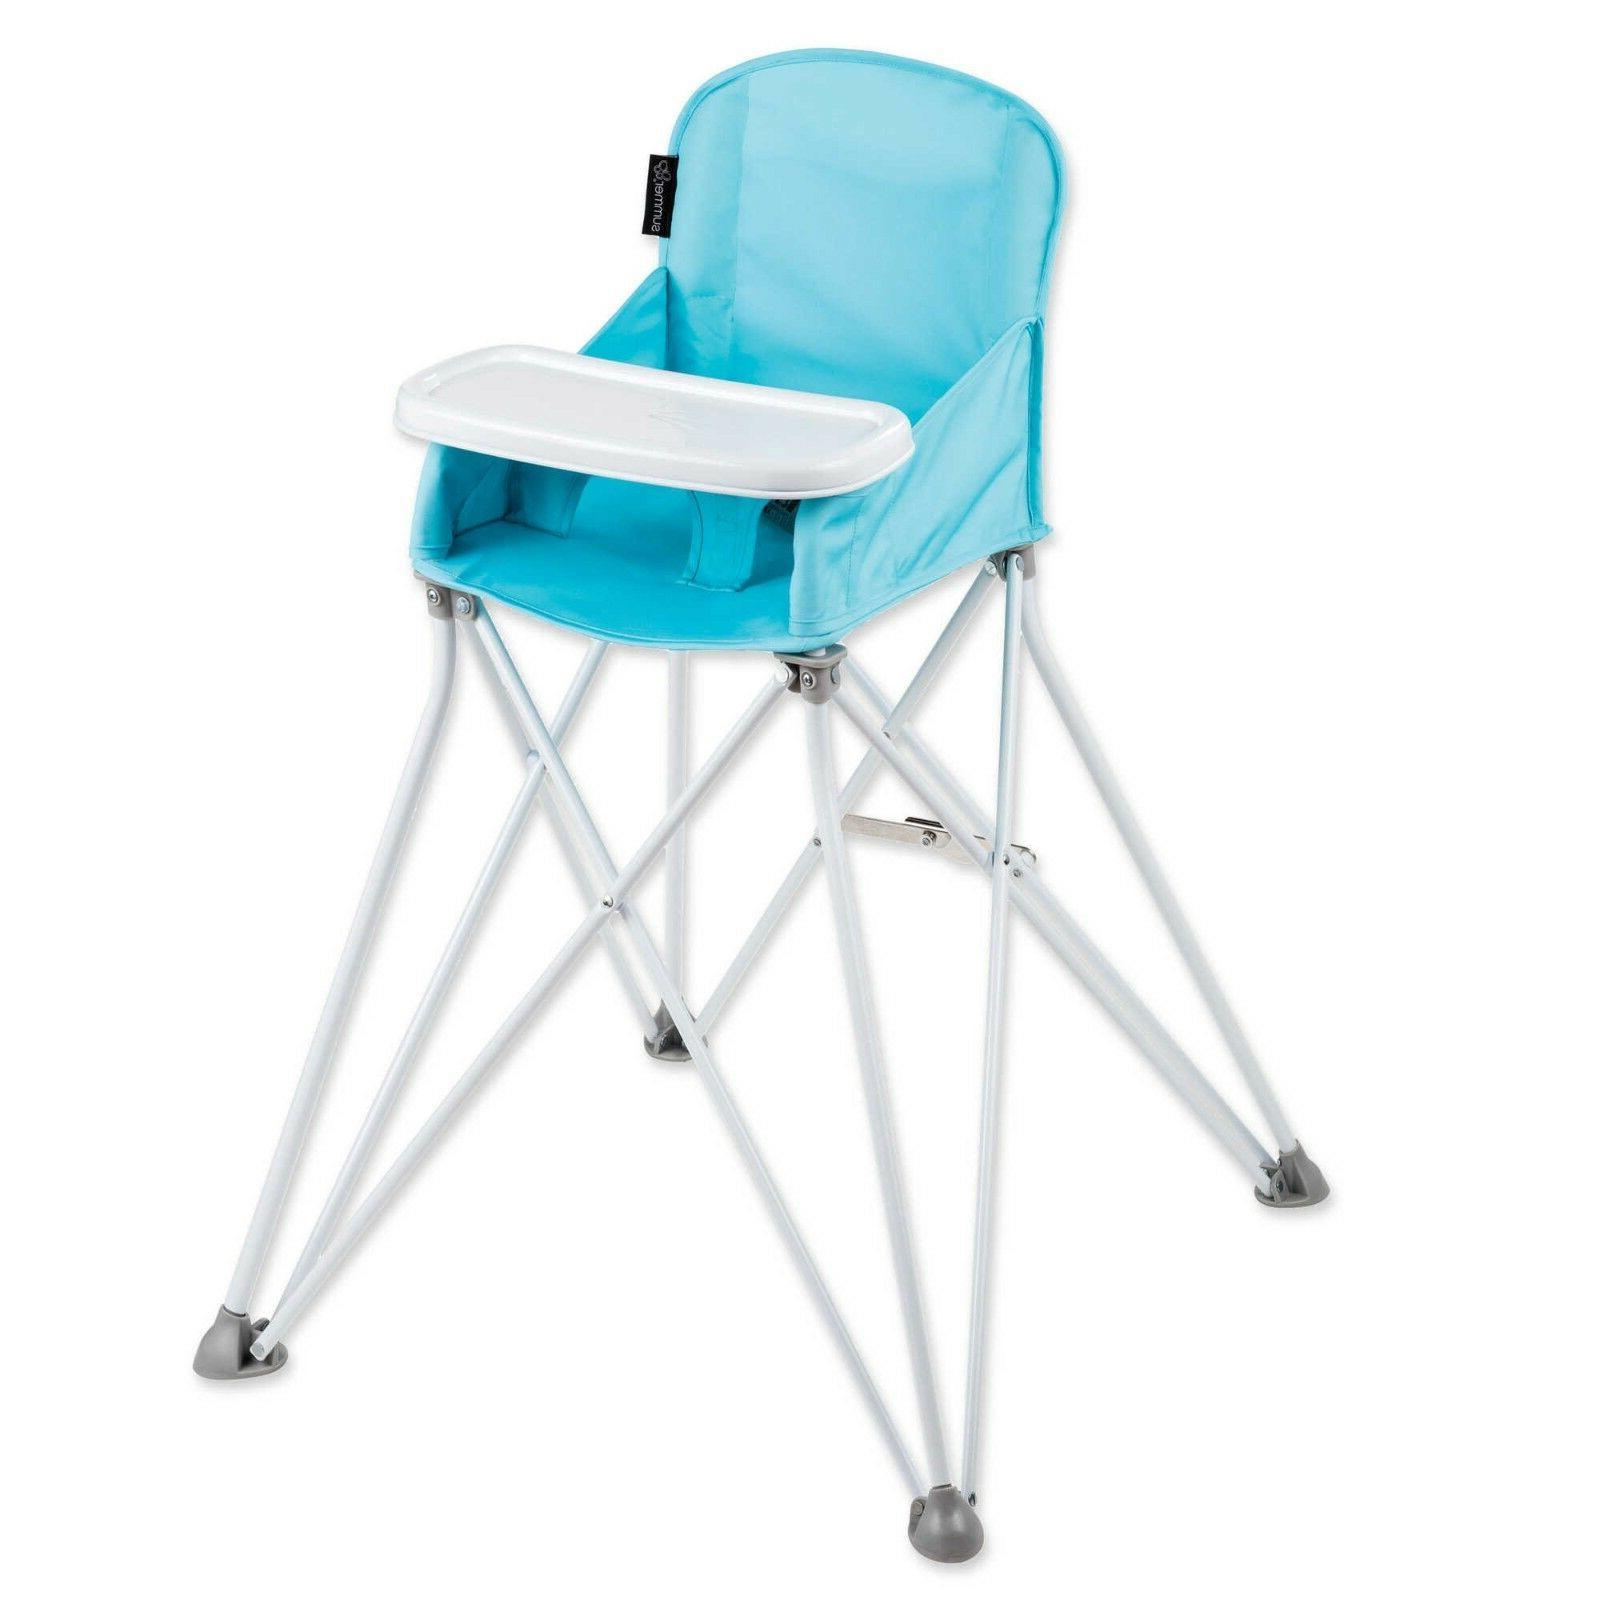 pop n sit portable high chair in